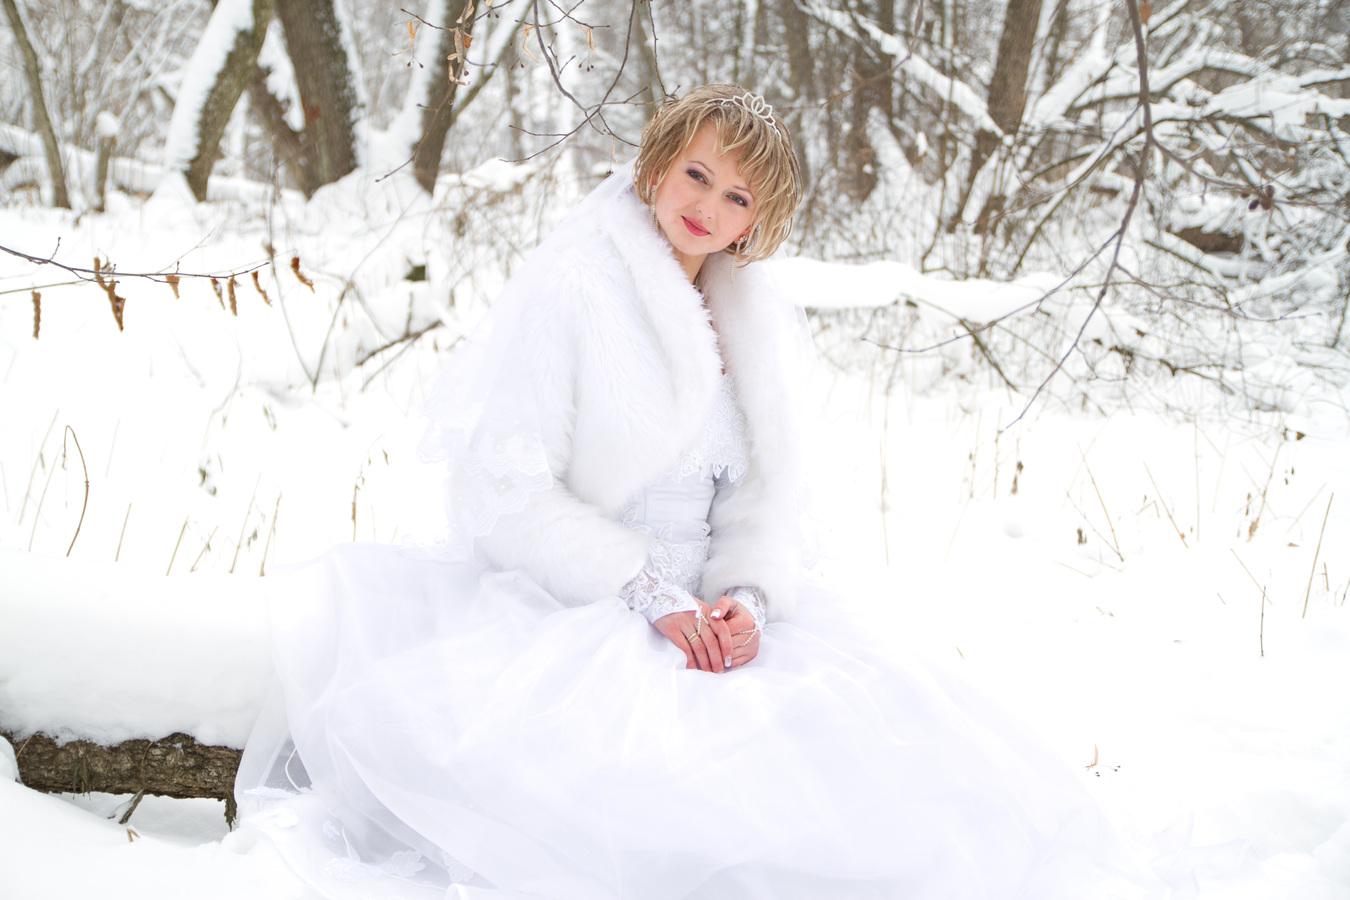 nevesta-snezhaya-koroleva Идеи для свадеб со стилем, тематические свадьбы